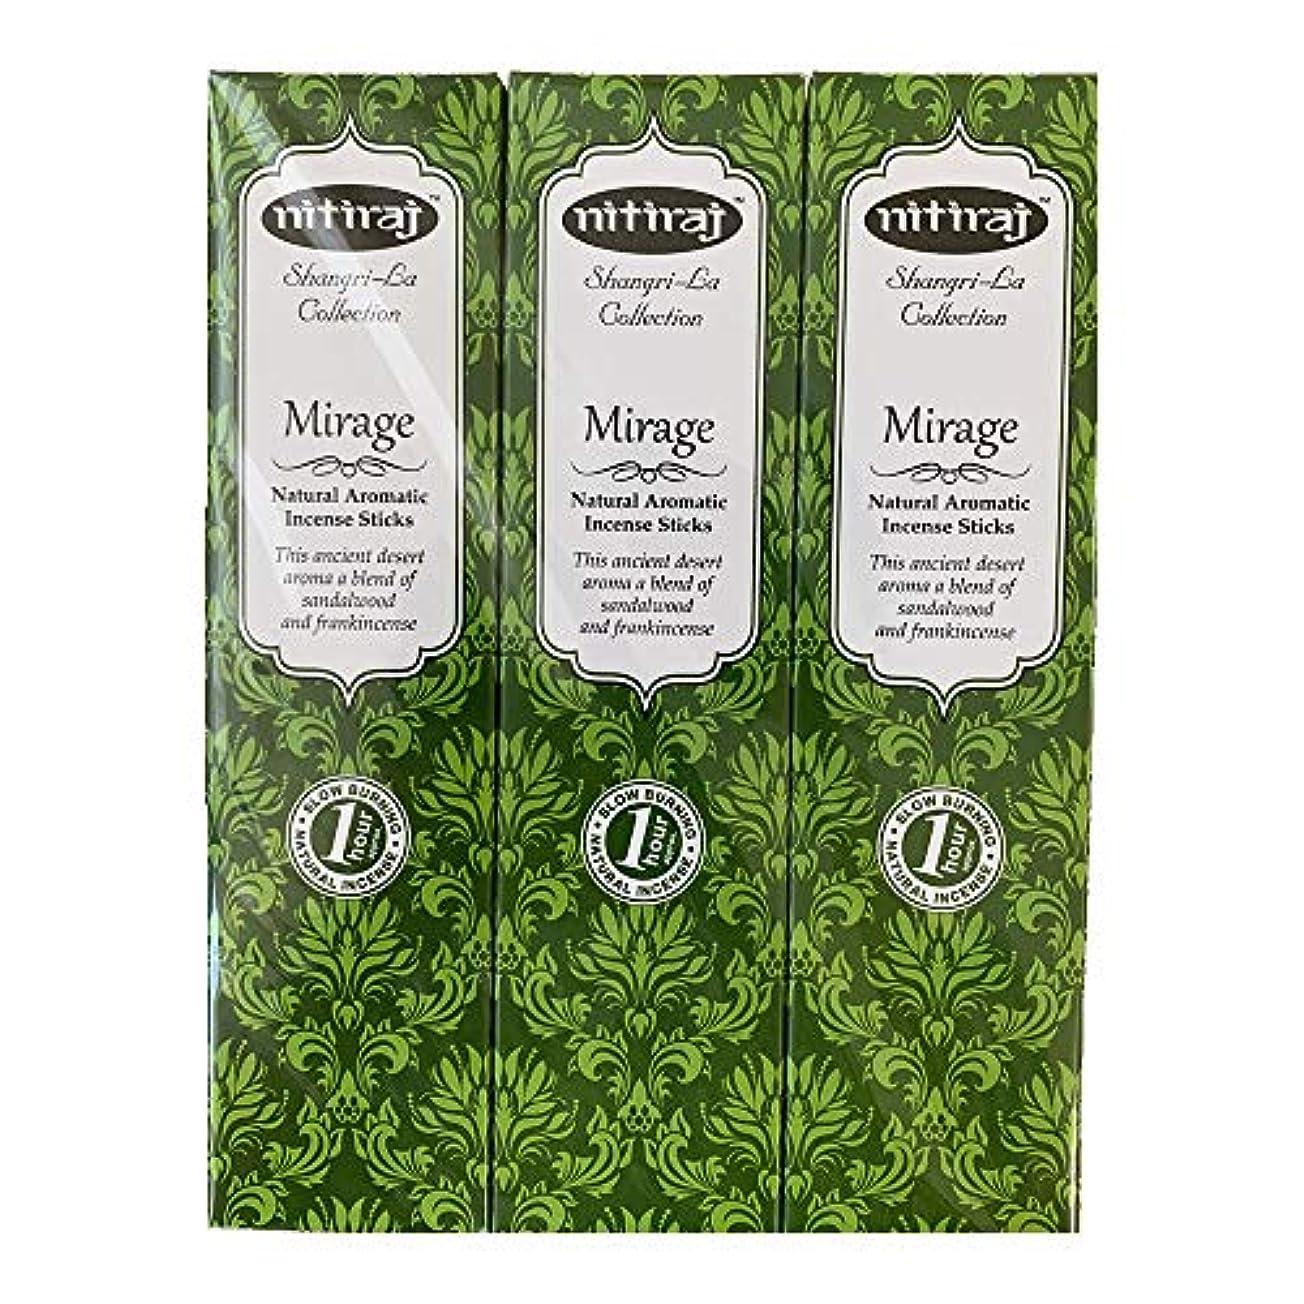 打撃廃棄する繰り返すお香 アロマインセンス Nitiraj(ニティラジ)Mirage(蜃気楼) 3箱セット(1箱10本入り) スティック型 100%天然素材 正規輸入代理店